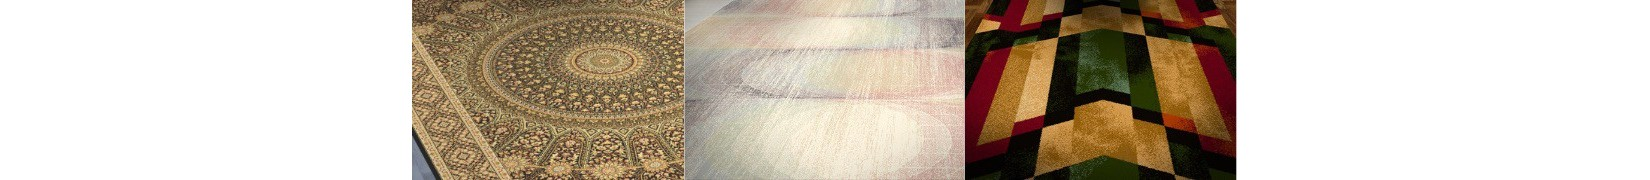 Chodniki dywanowe wełniane do przedpokoju. Dywany z metra | sklep Śliczne Dywany